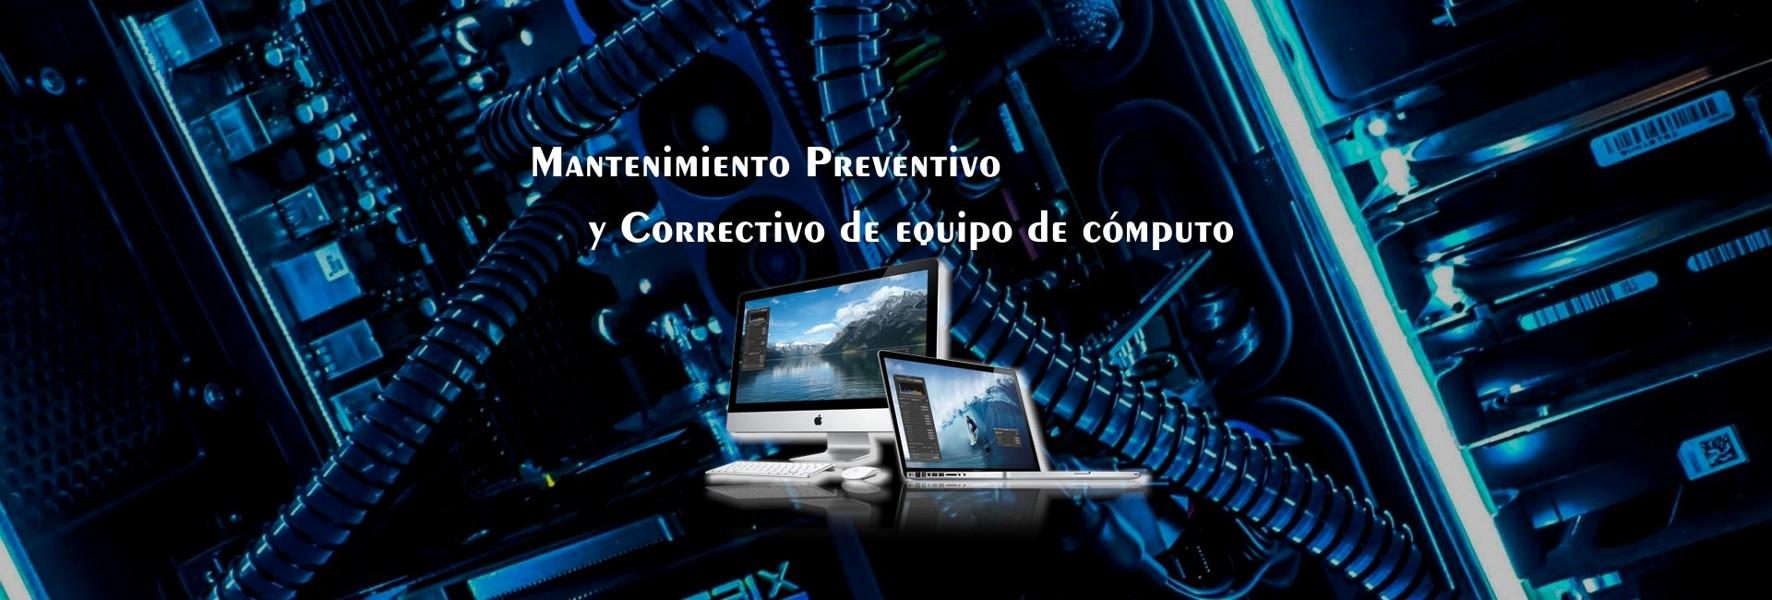 Mantenimiento Preventivo y Correctivo_ cómputo